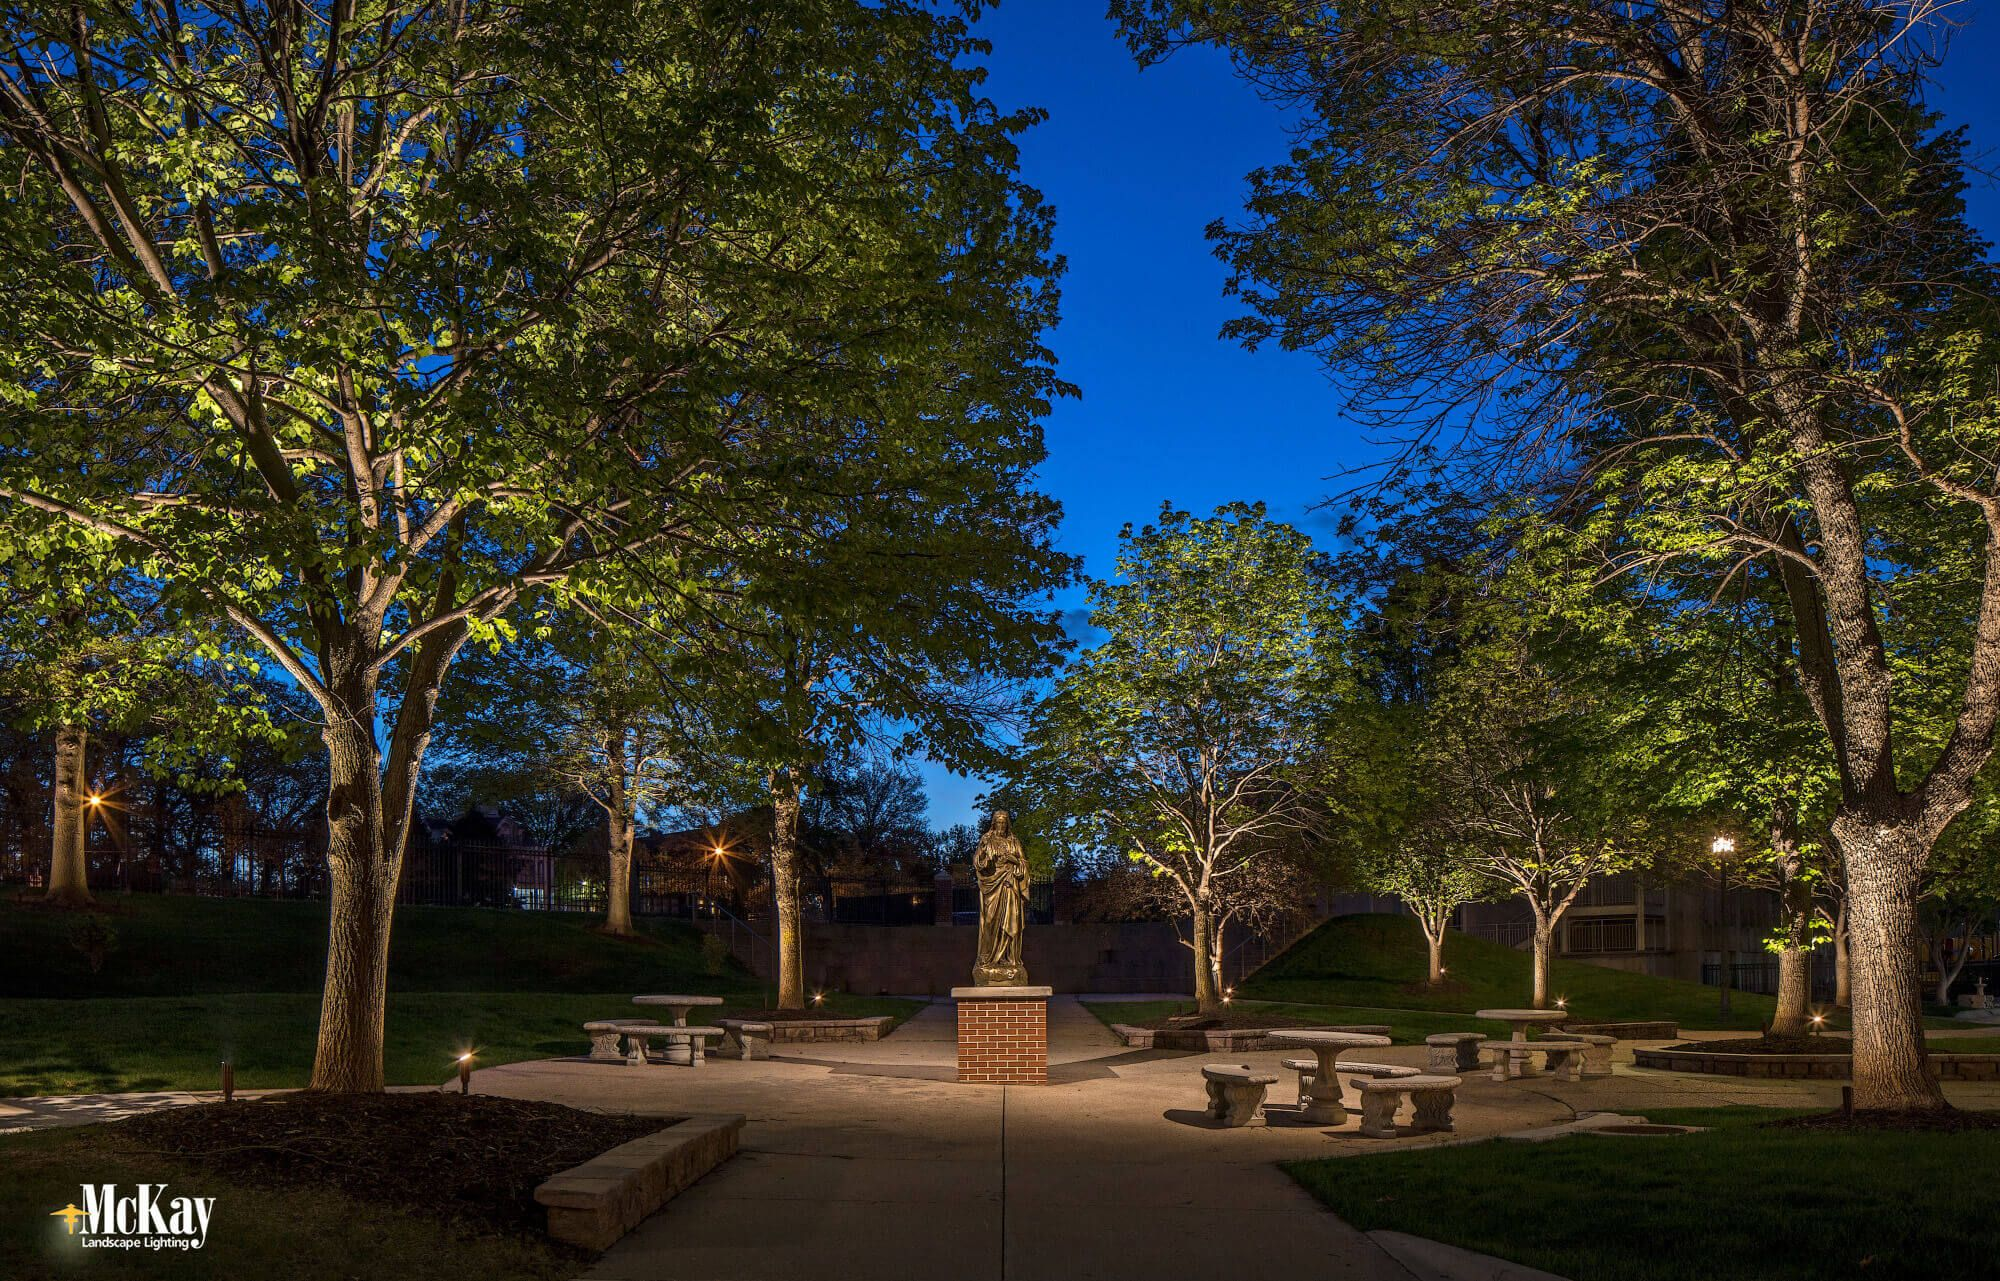 School Courtyard Outdoor Lighting Landscape Lighting Landscape Lighting Design Landscape